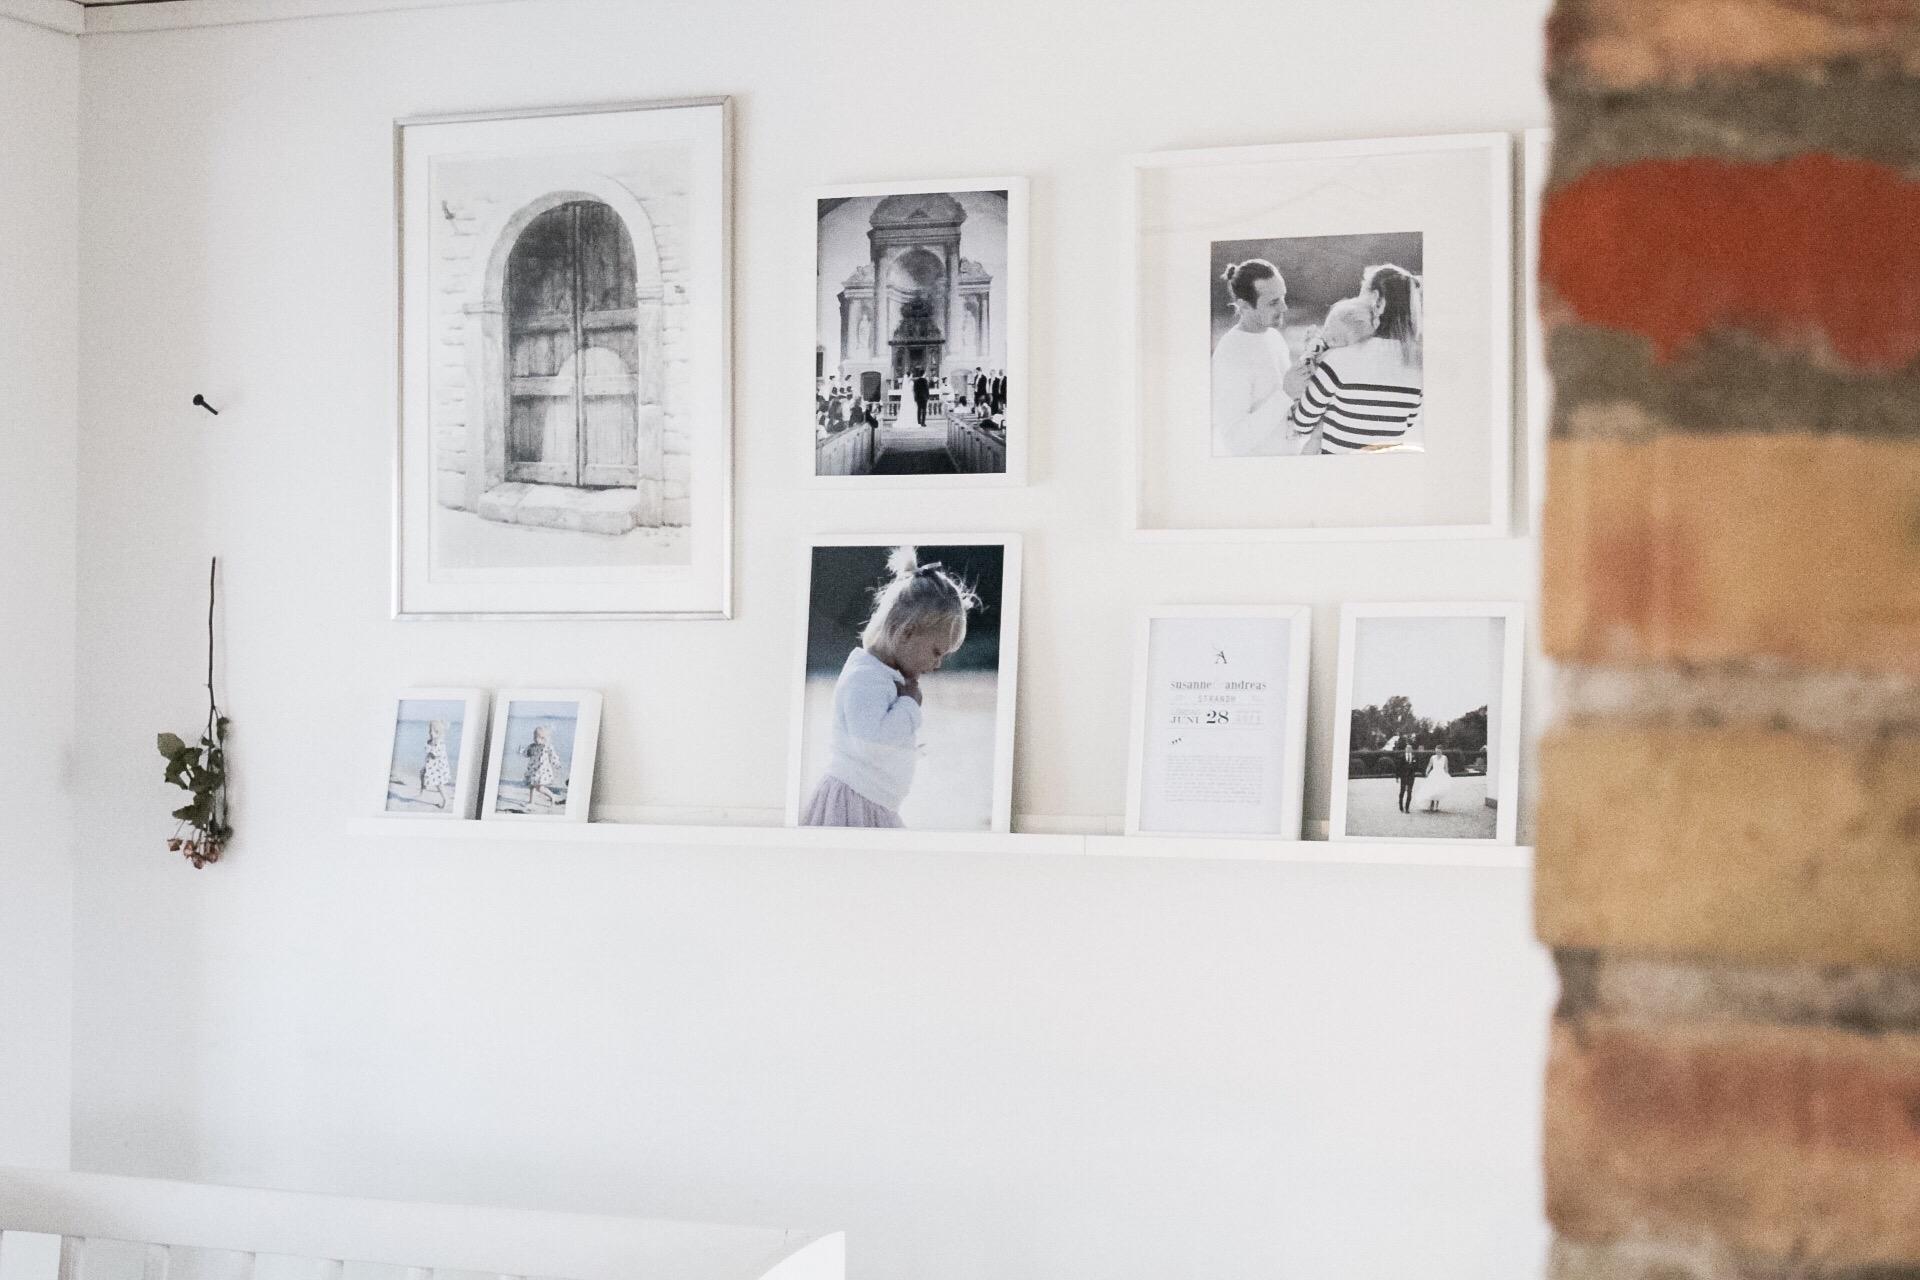 En vägg med foton och tavlor